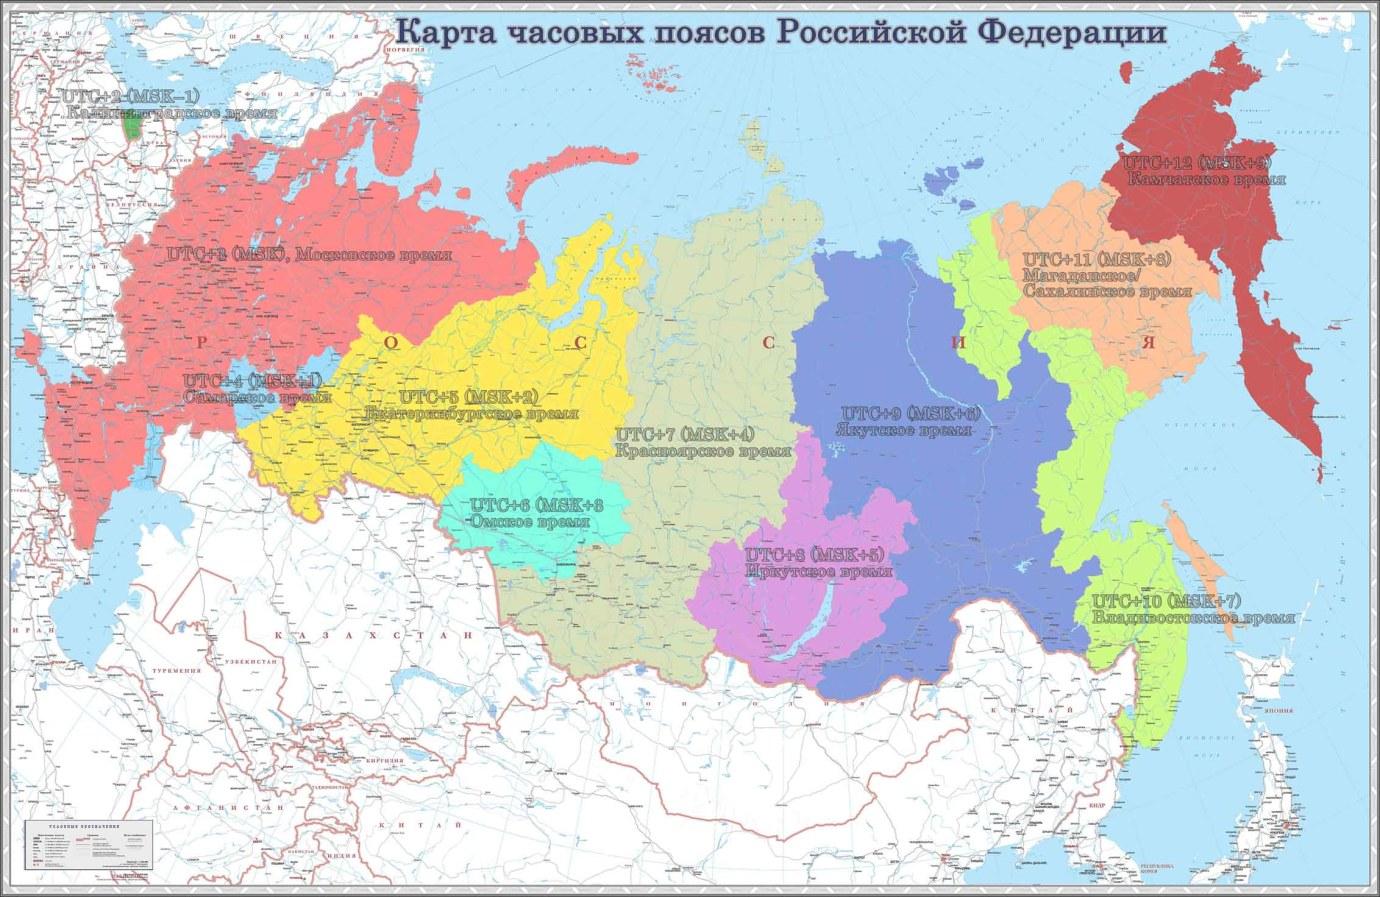 Батюшка, часовые пояса россии 2016 год служебной